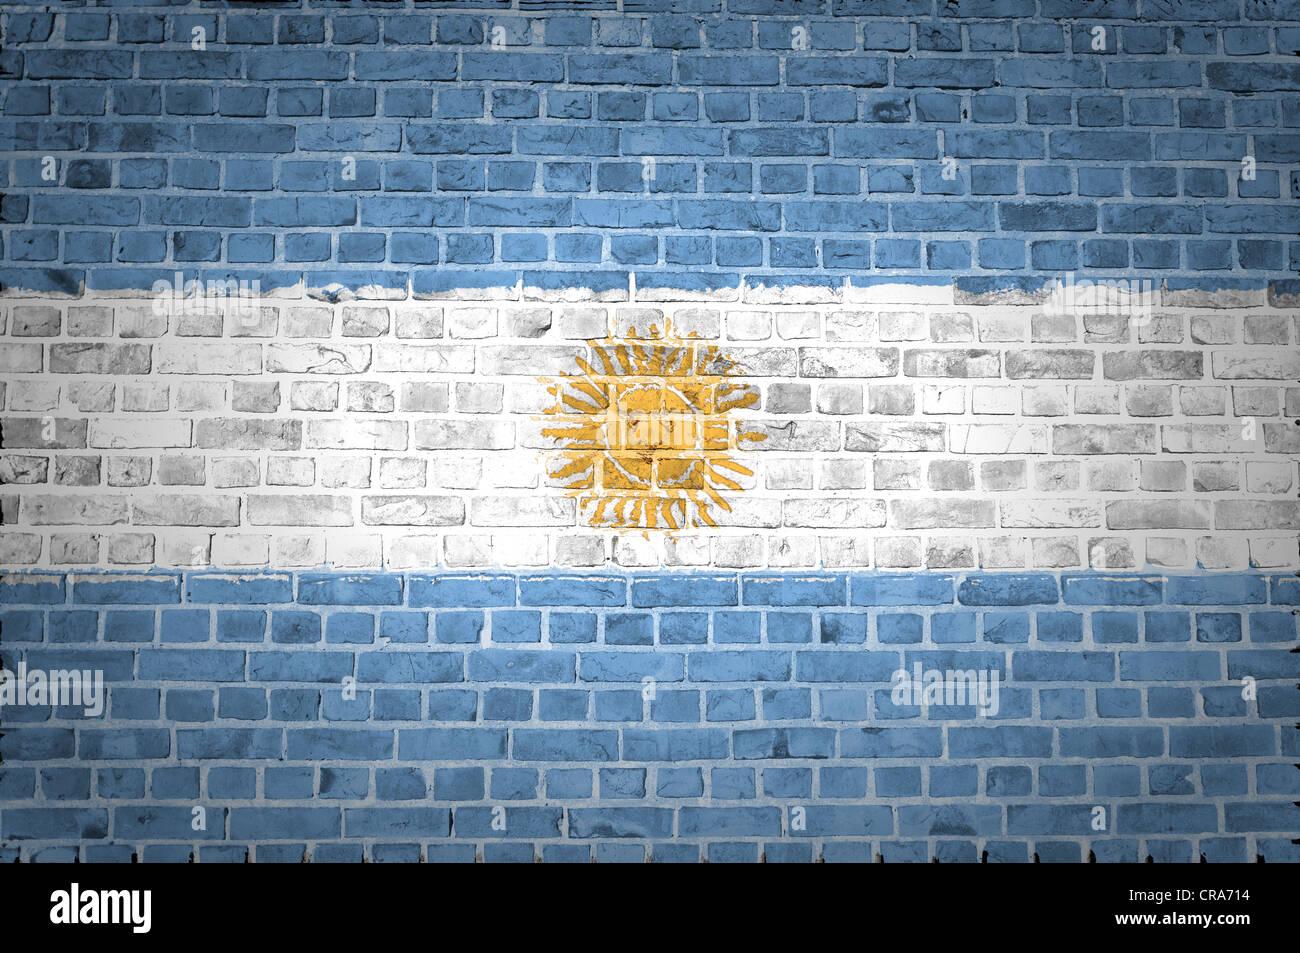 Una imagen de la bandera Argentina pintada sobre una pared de ladrillos en una ubicación urbana Foto de stock